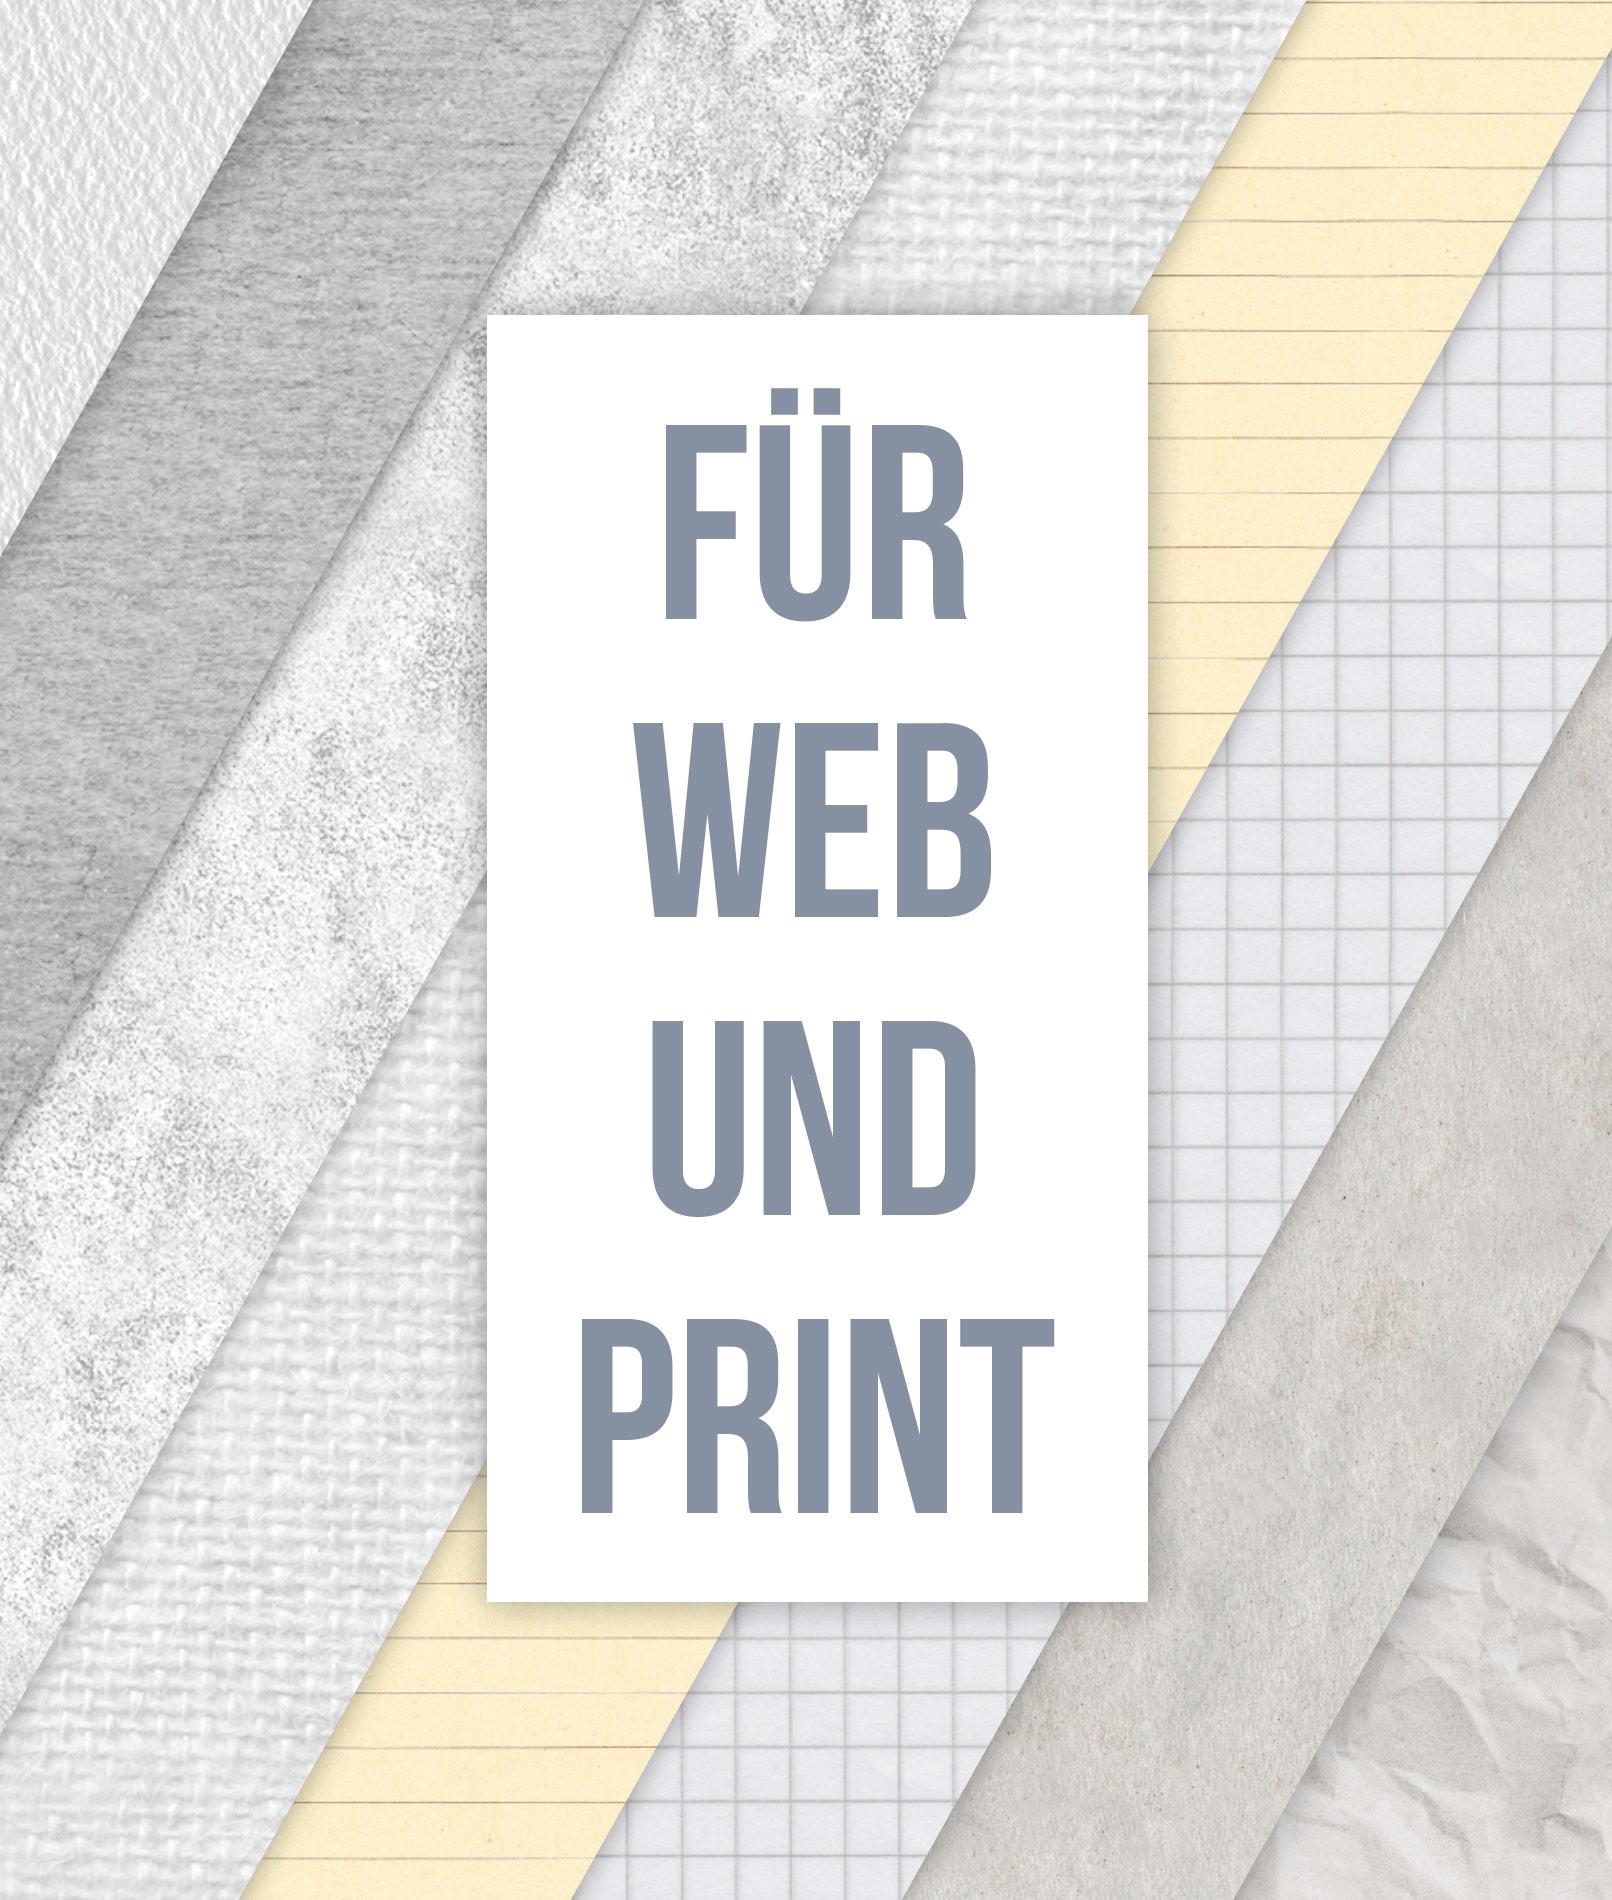 Beispiele für die Papierstrukturen als Muster für Photoshop